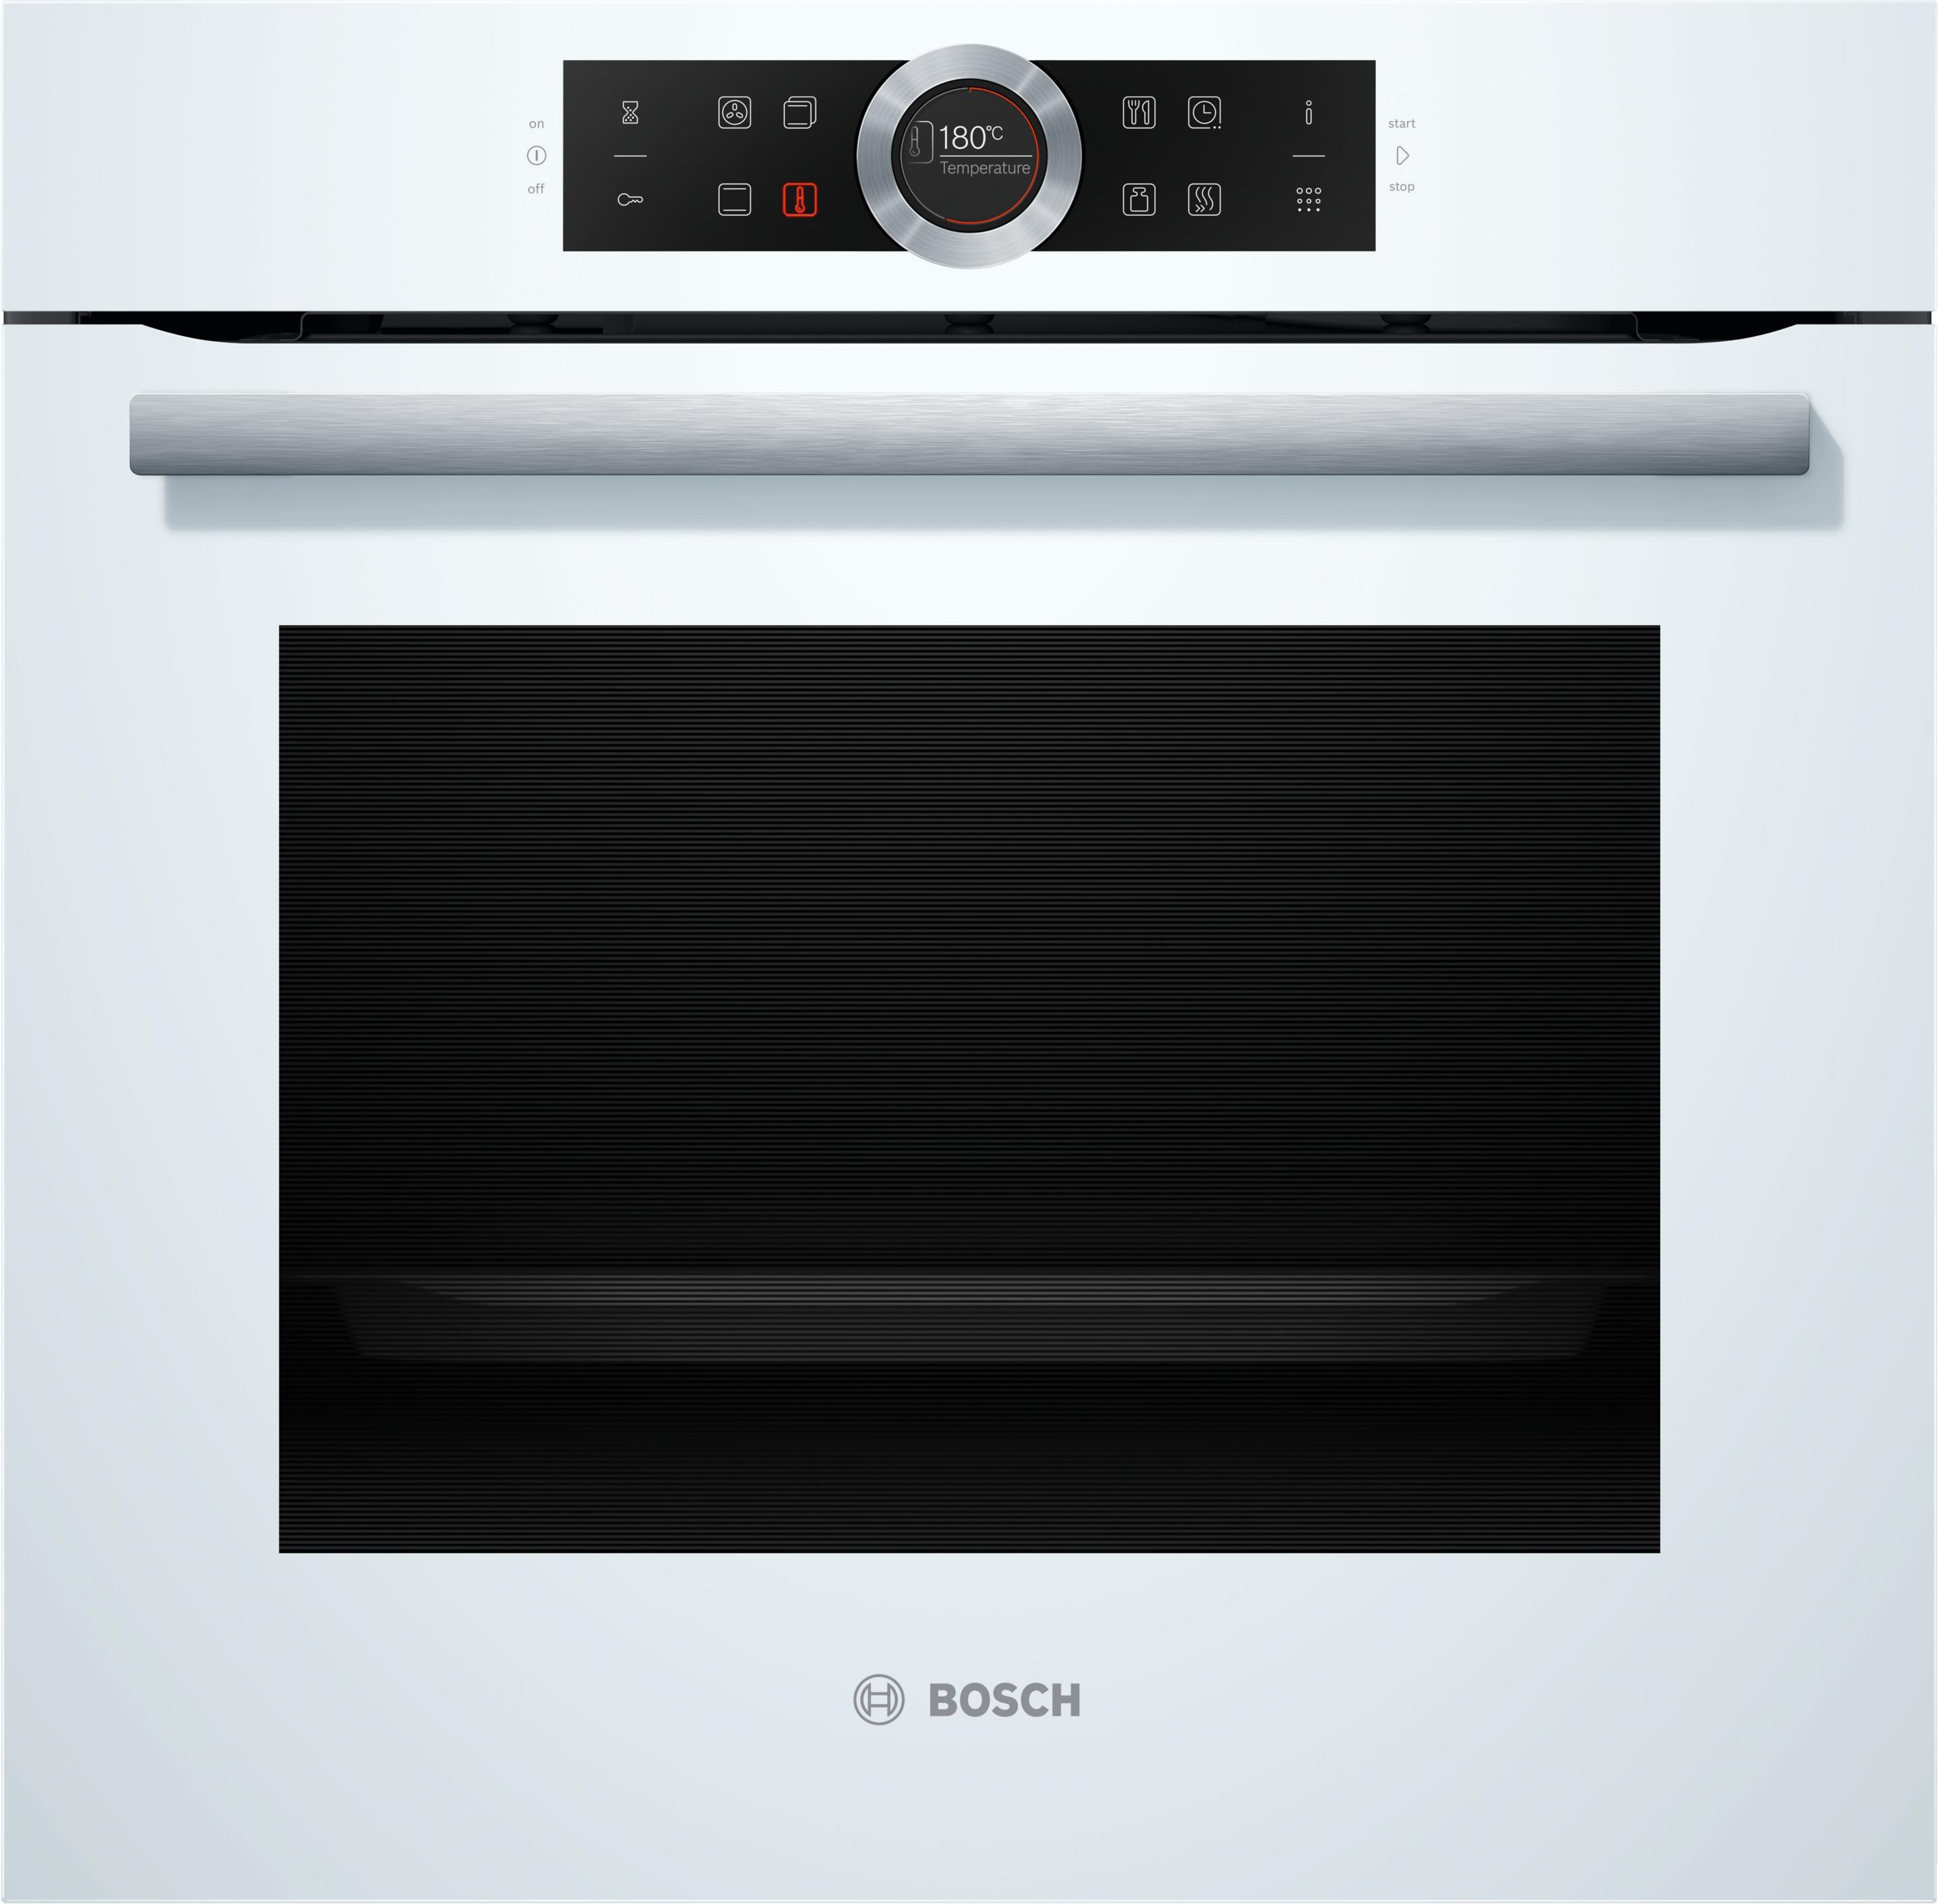 Lò Nướng Bosch HBG675BW1